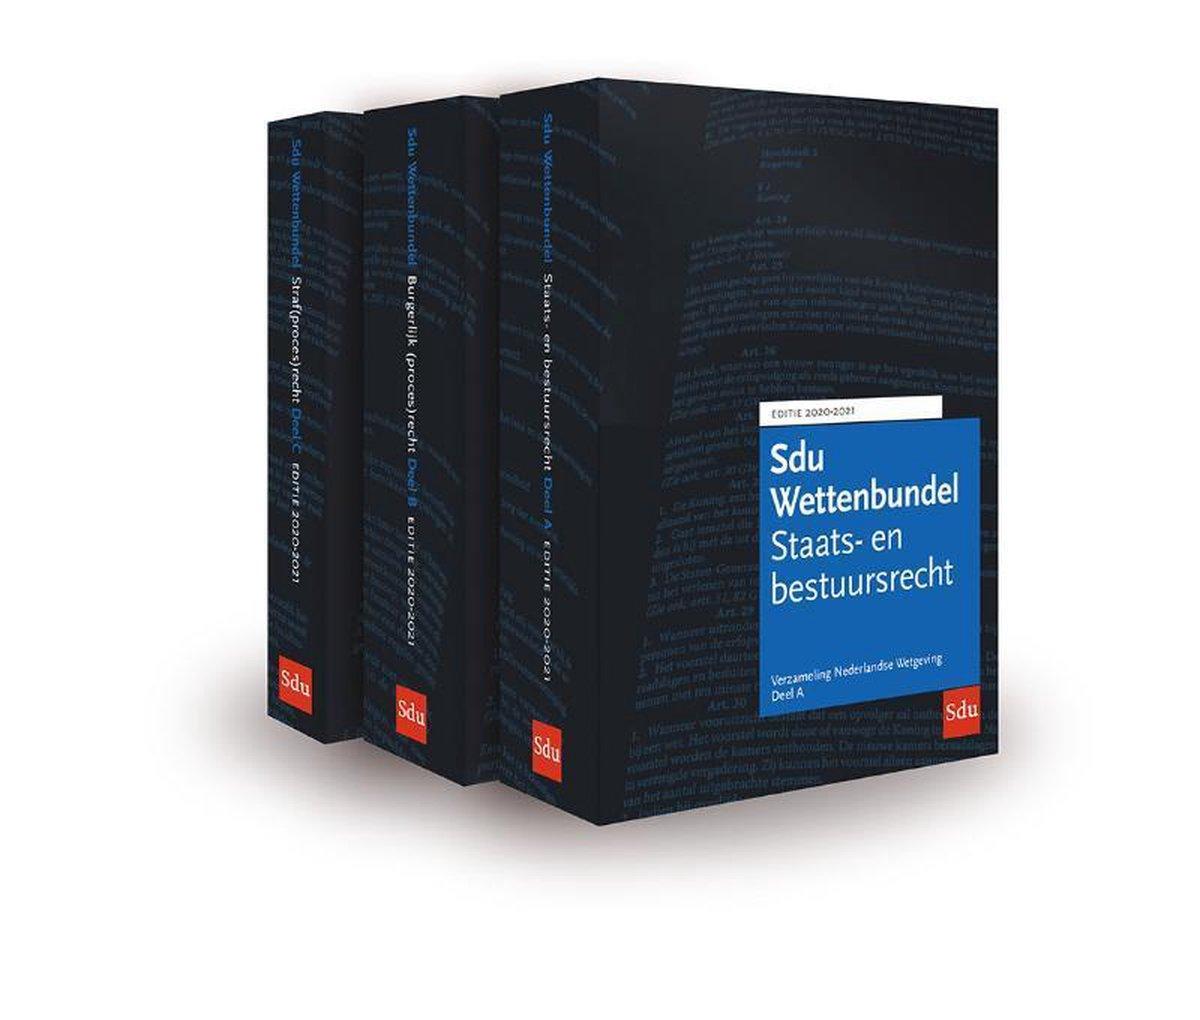 Educatieve wettenverzameling  -   Sdu Wettenbundel 2020-2021 (set 3 ex)